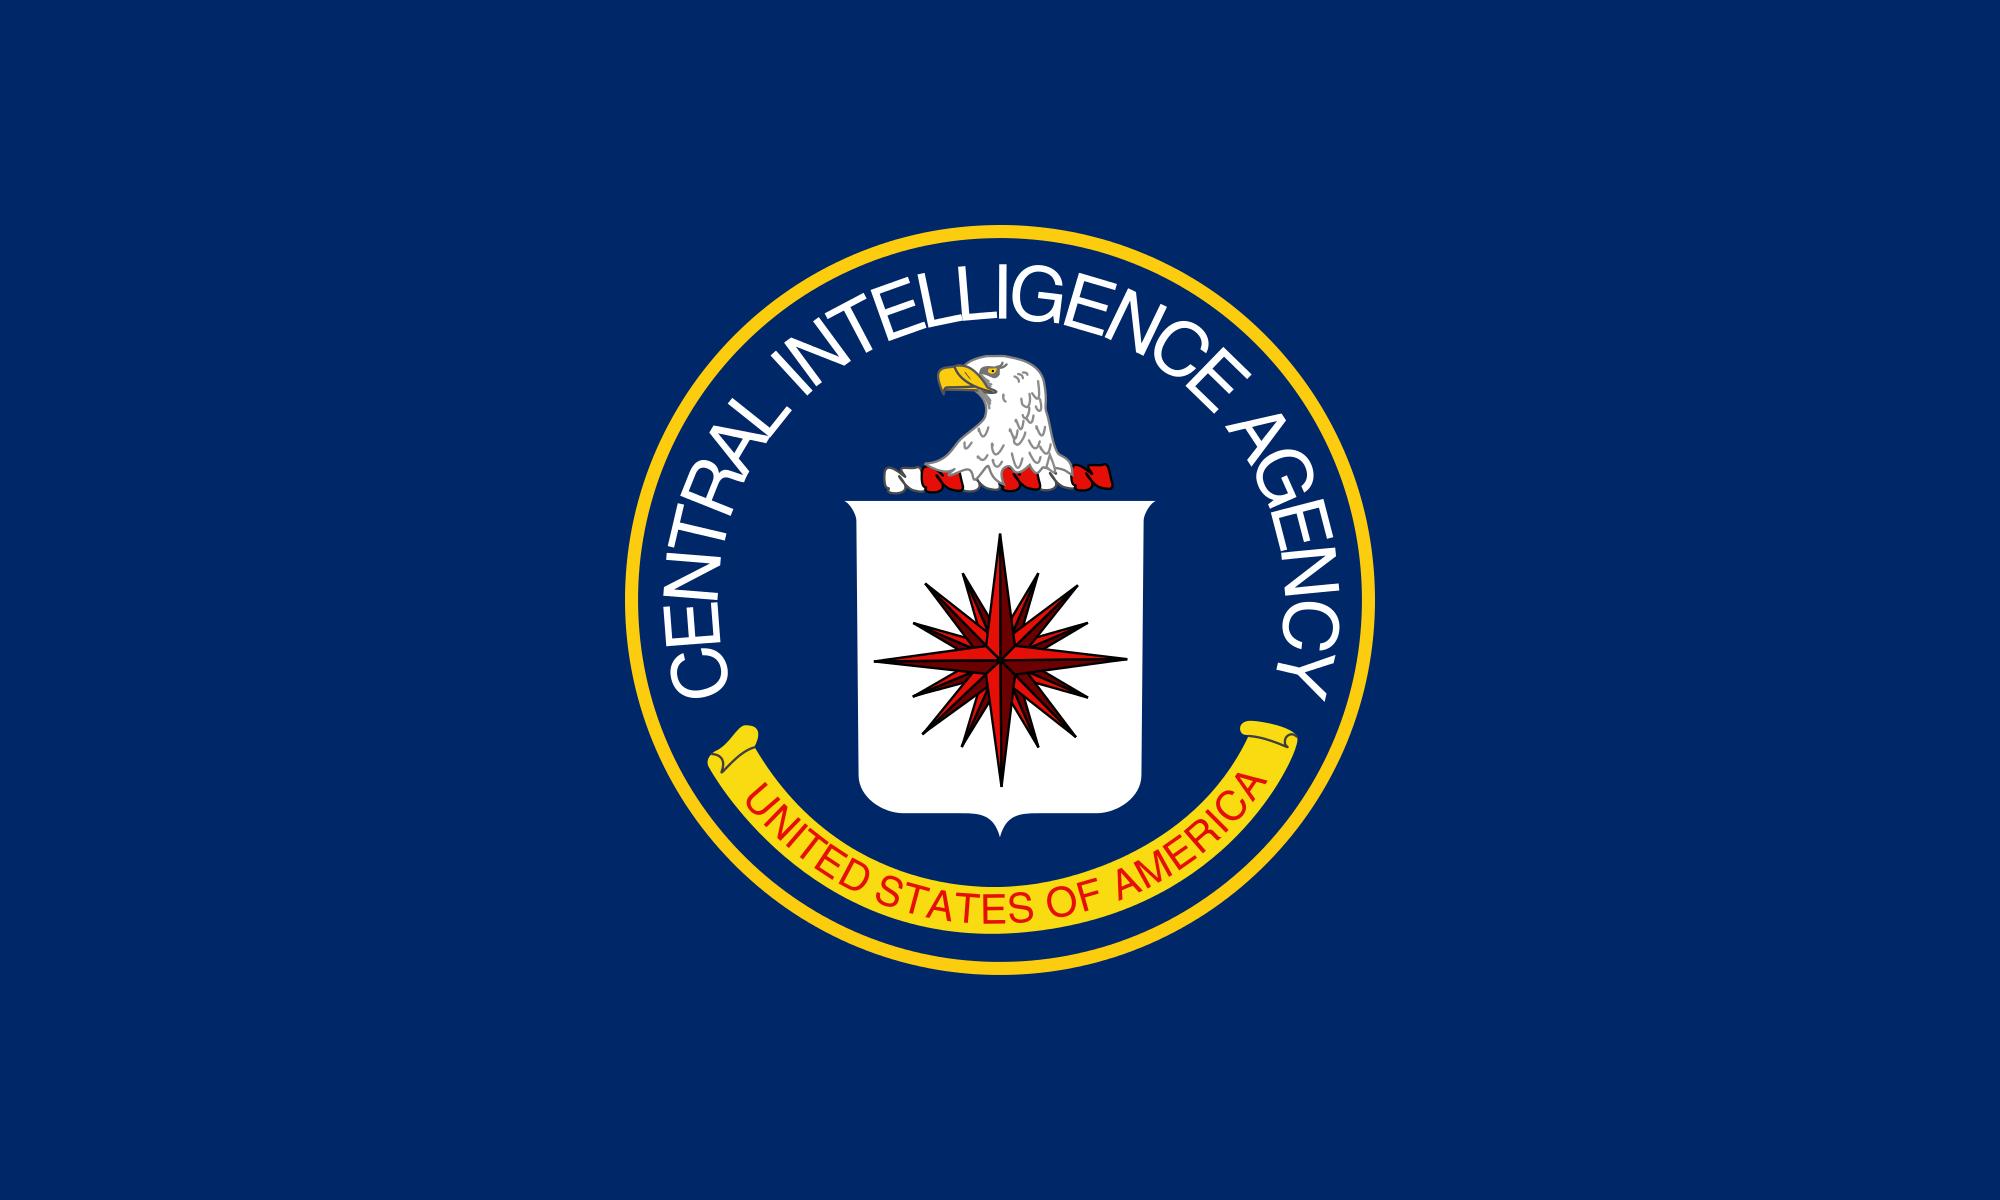 CIA는 쇼셜 미디어 감독을 전문으로 하는 회사들에 투자한다.